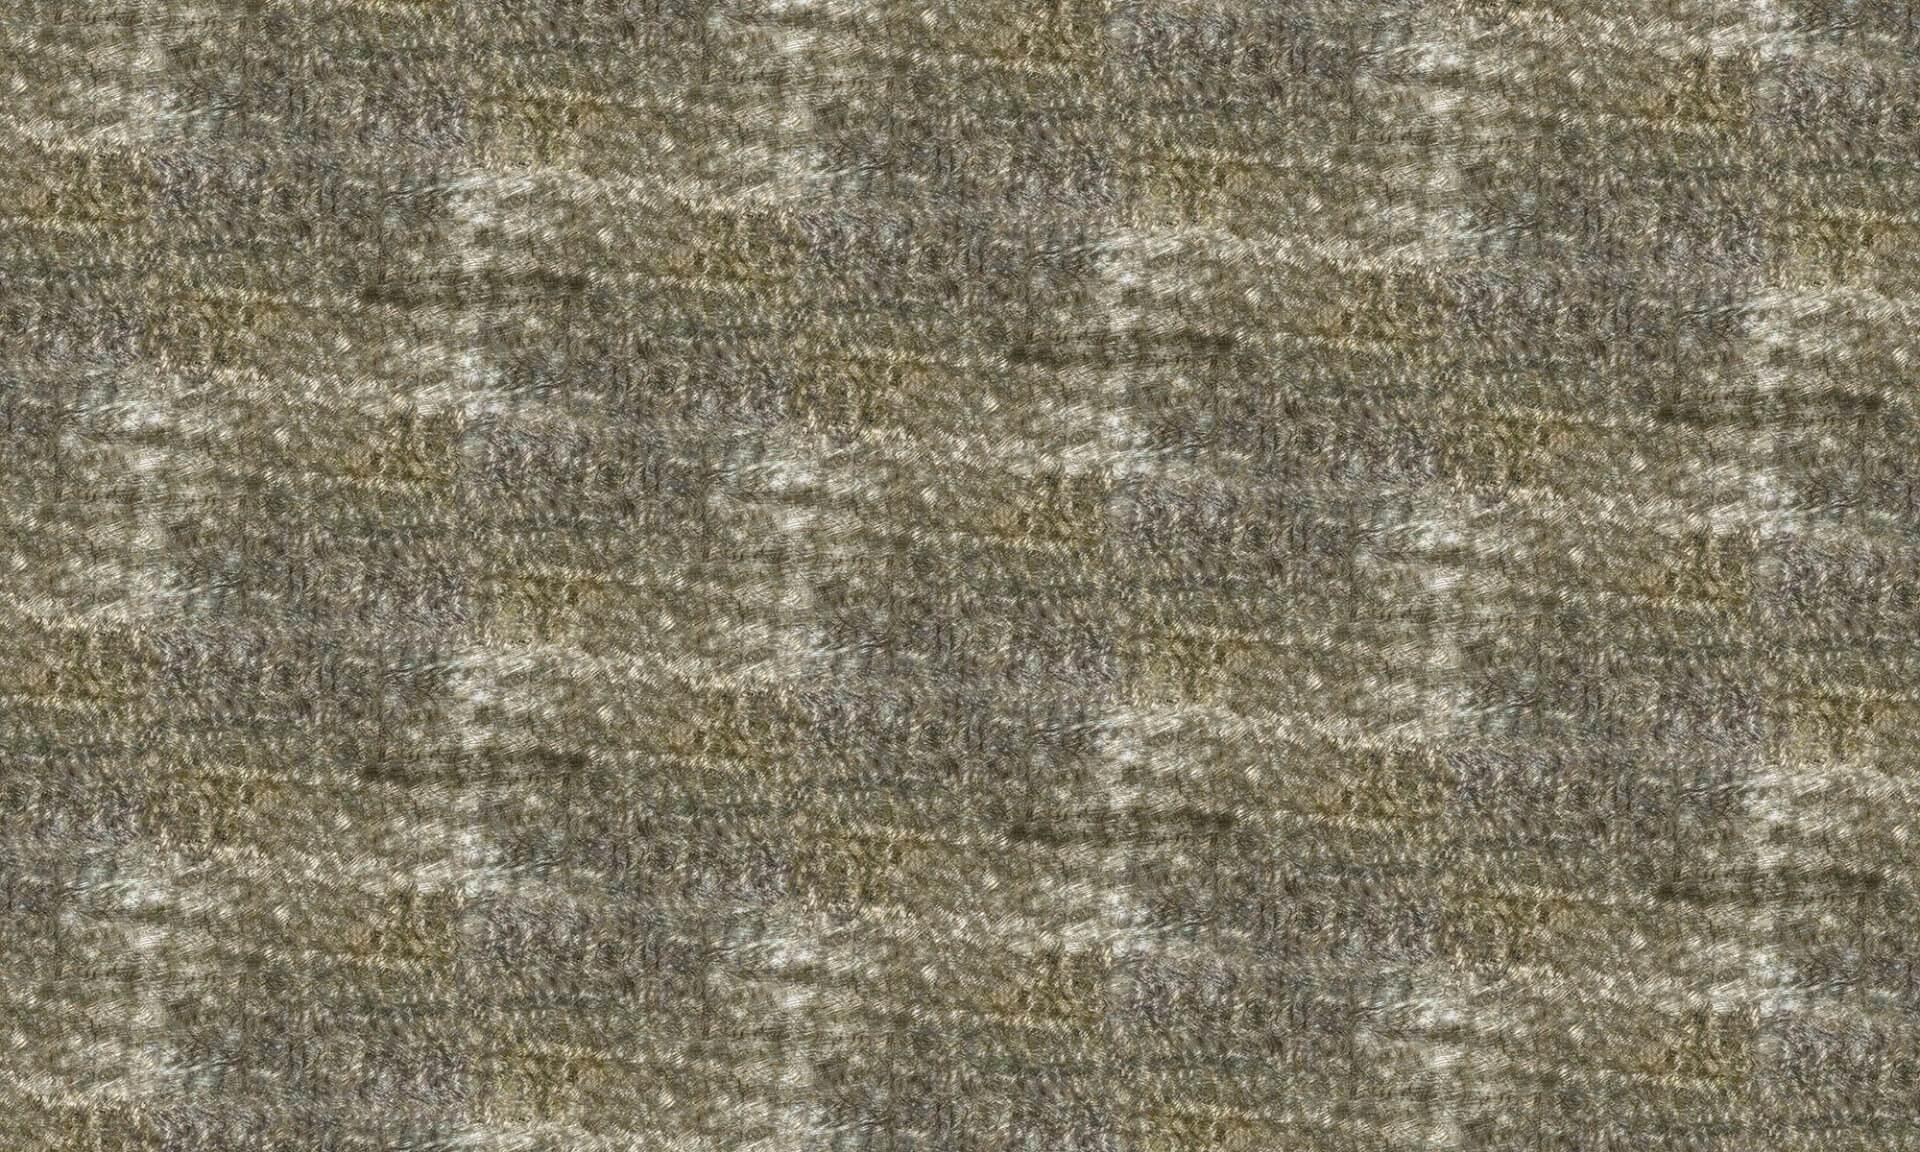 Brushed Brass (NMS0573-Alt-B) Doug Garrabrants